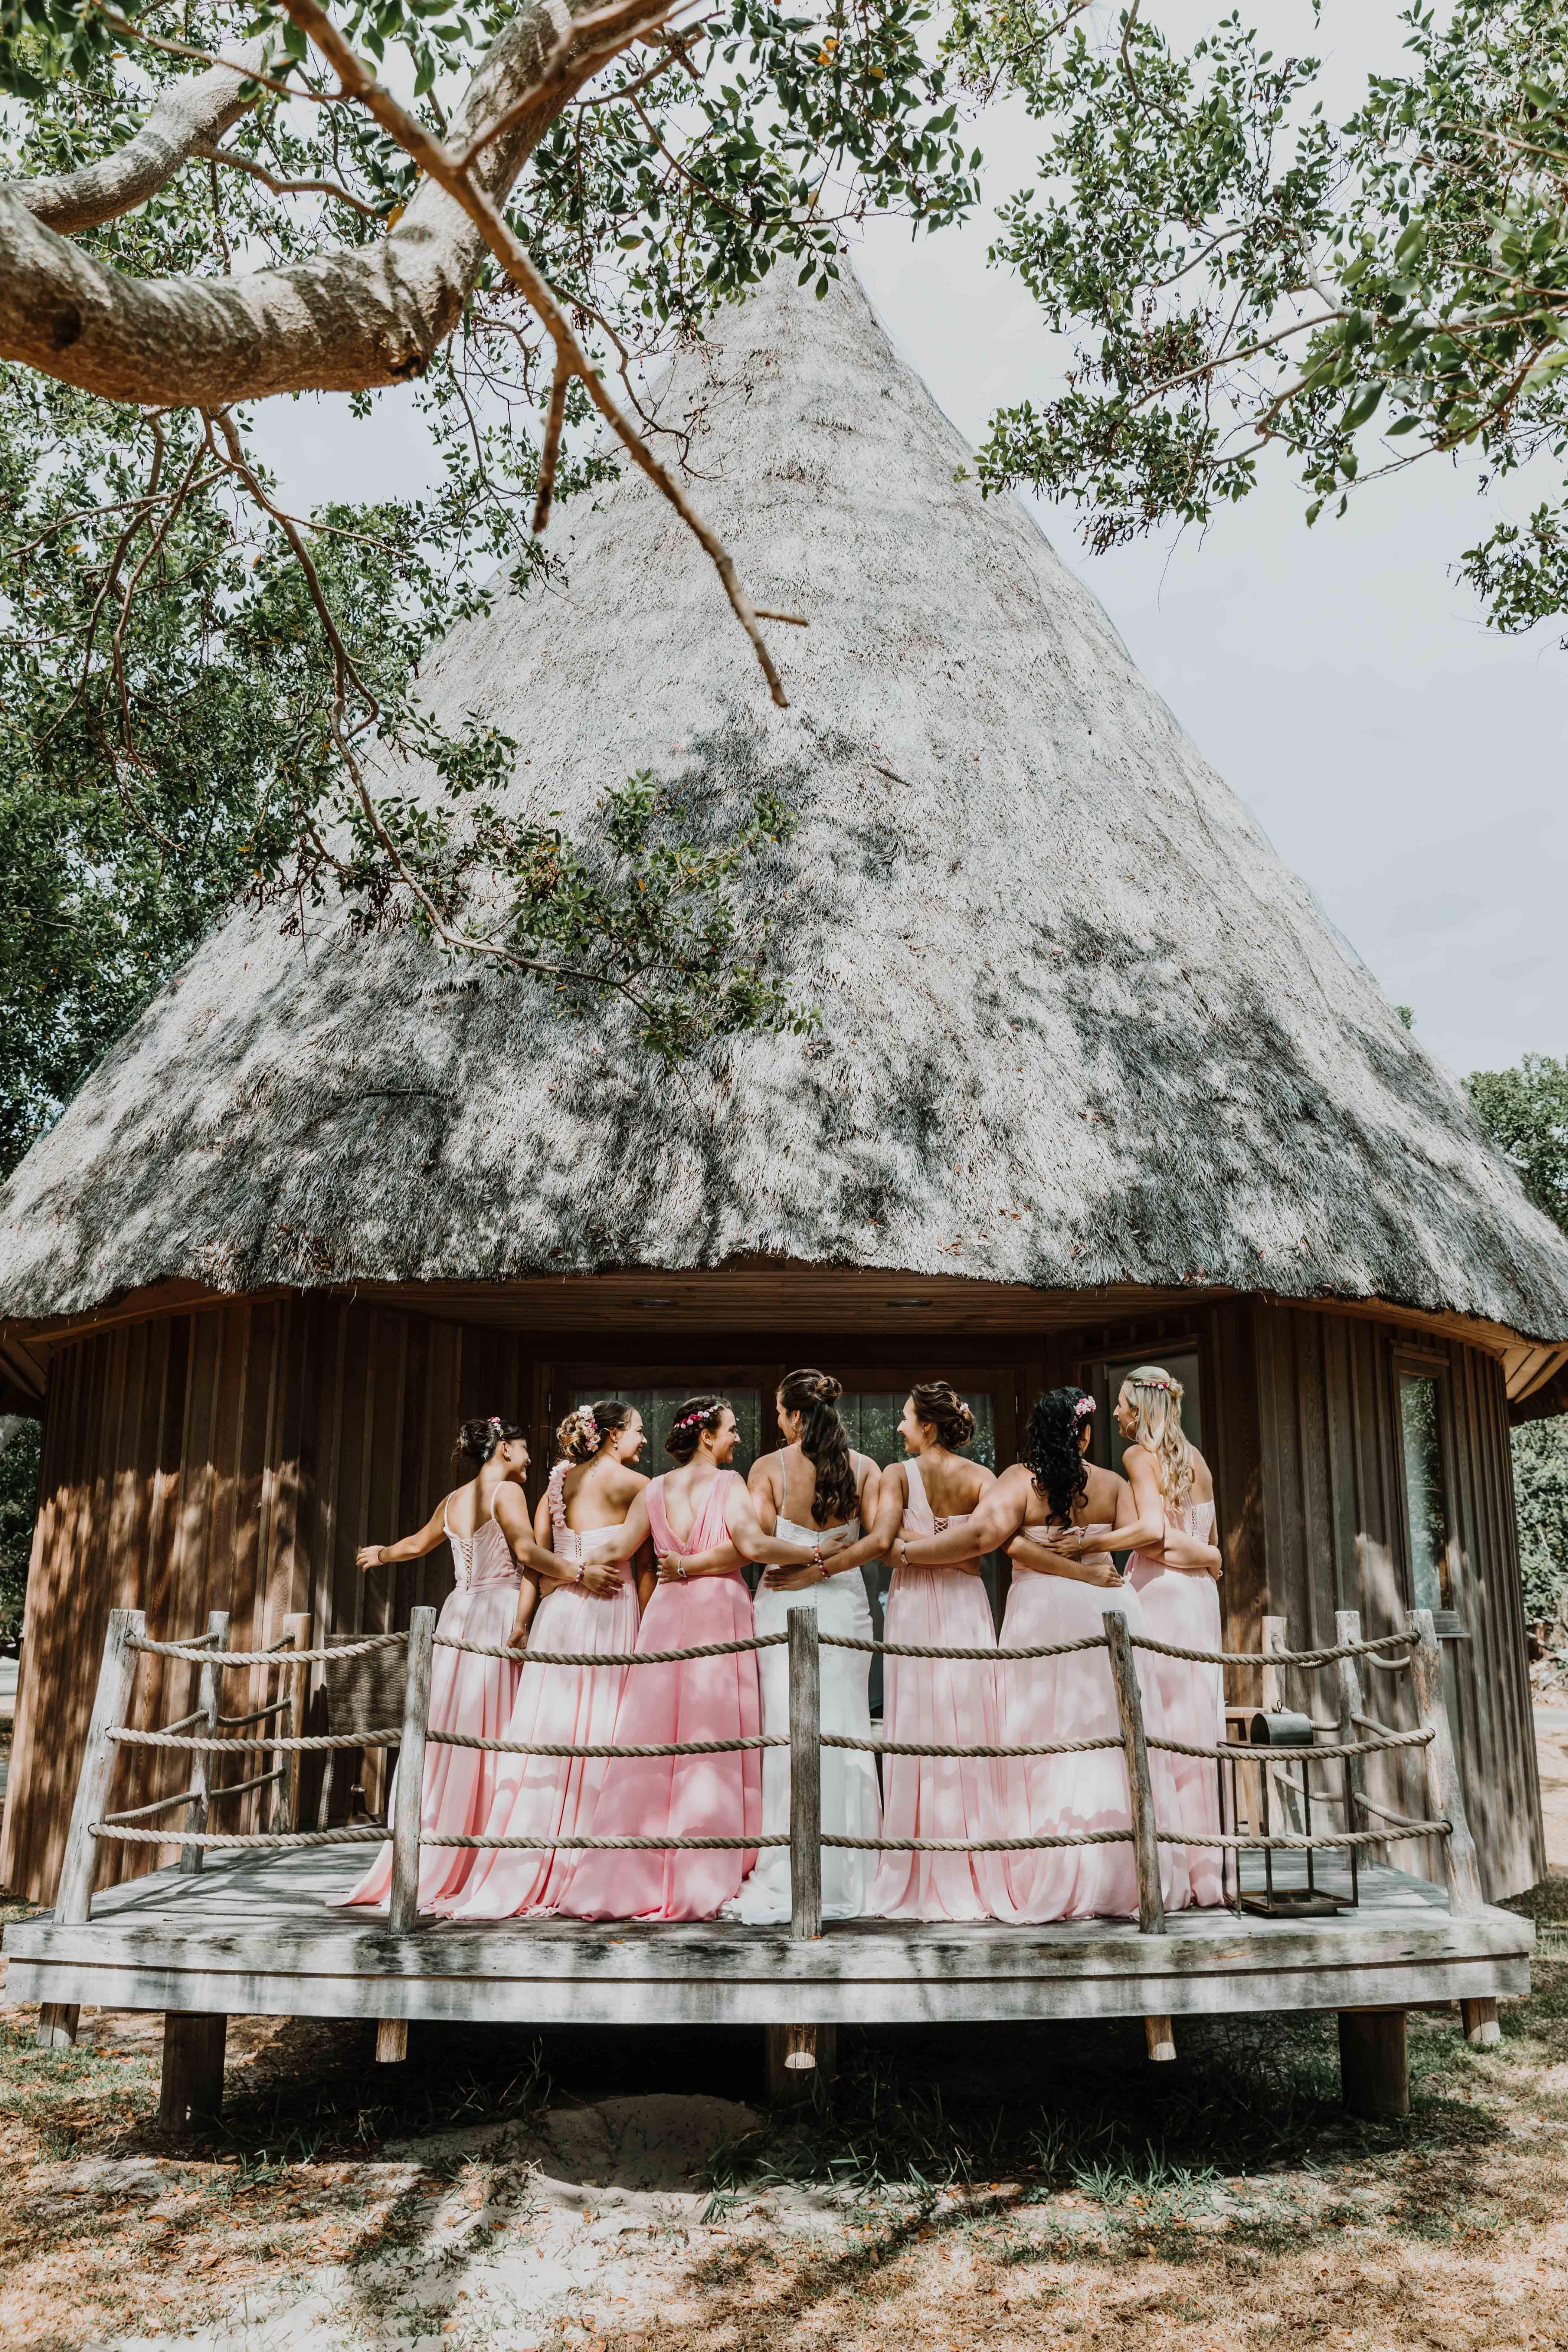 la mariée et les demoiselles d'honneur sont en ligne, de dos, et se regardent sur la terrasse d'un bungalow en bois en bord de plage